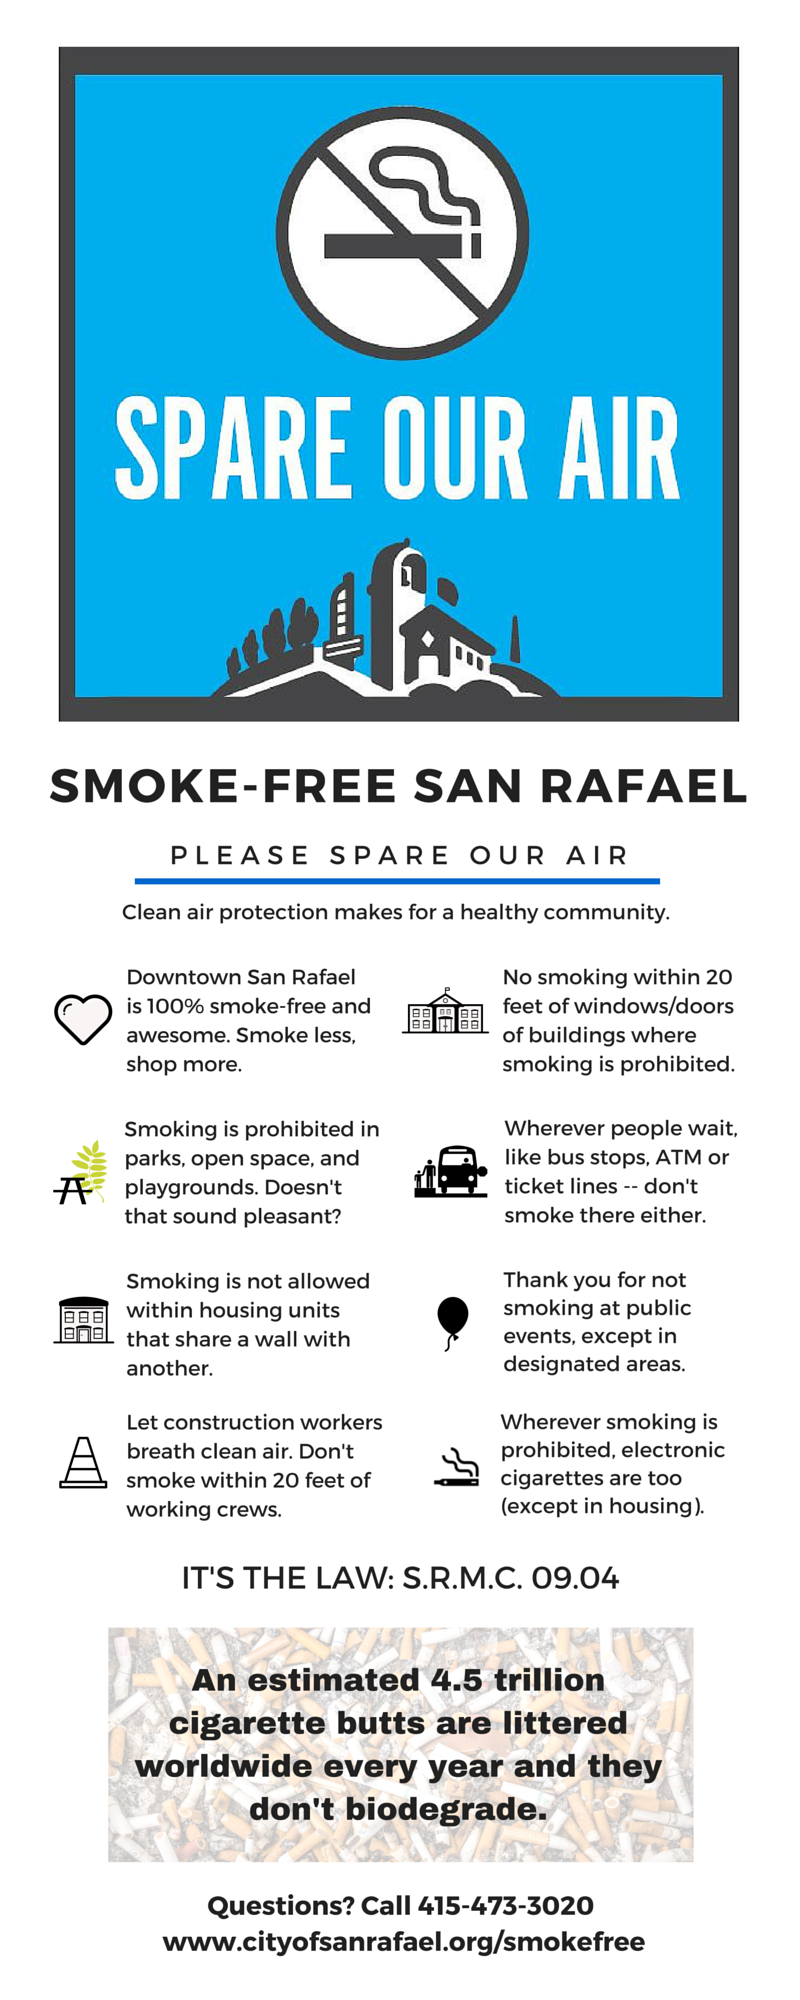 Smoke-free San Rafael